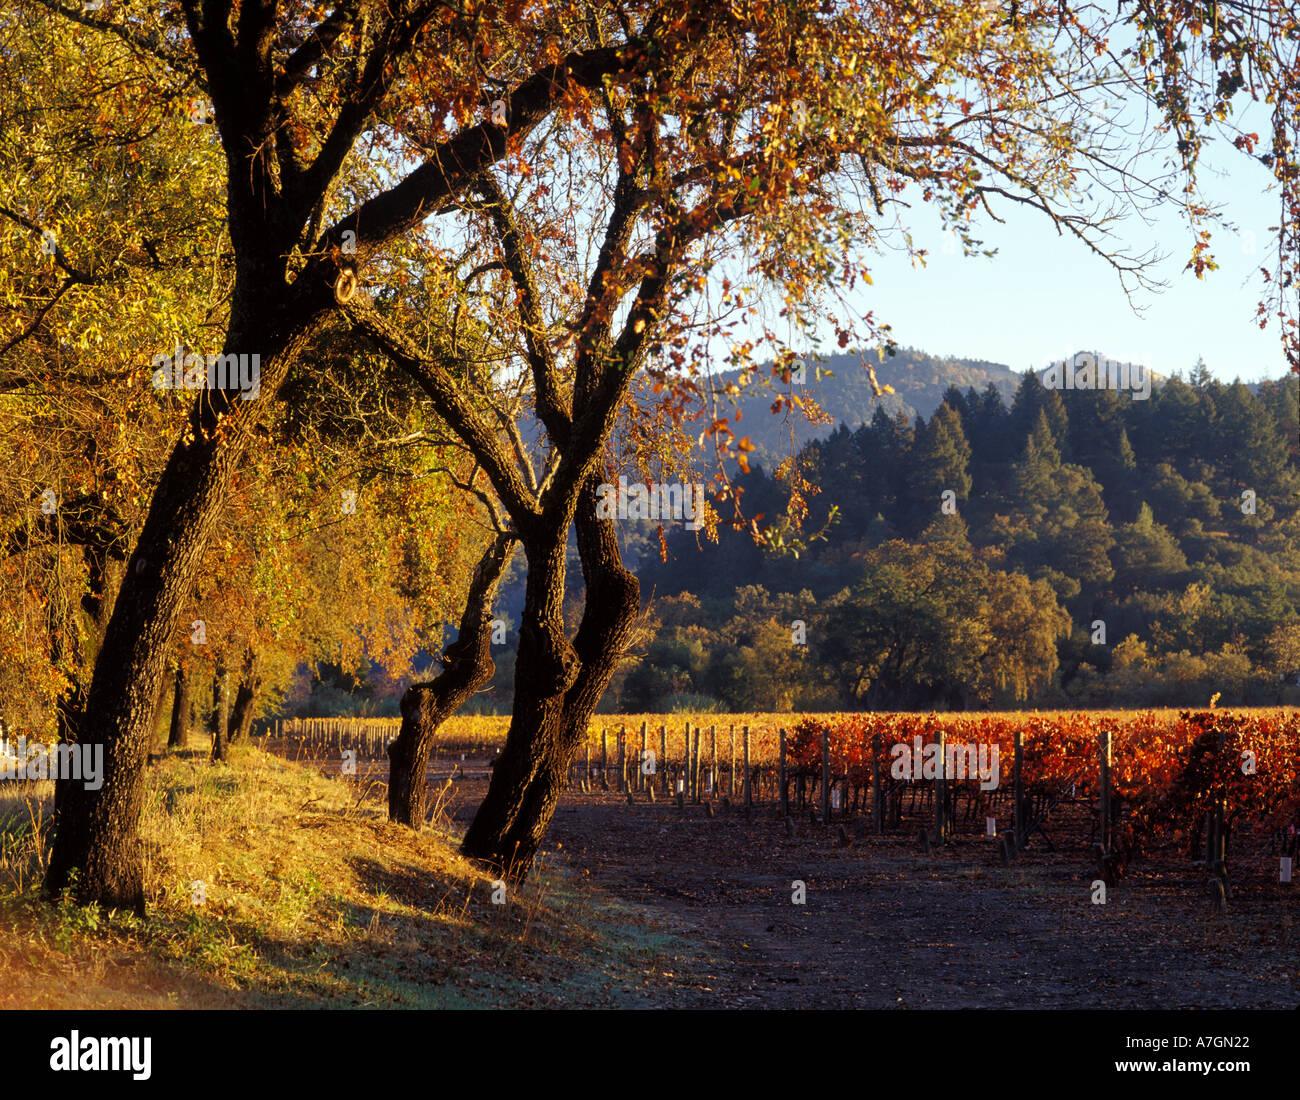 Stati Uniti, California, Napa Valley, Calistoga. Sole di mattina sfiora il piano della valle e le sue querce e vigneti. Foto Stock